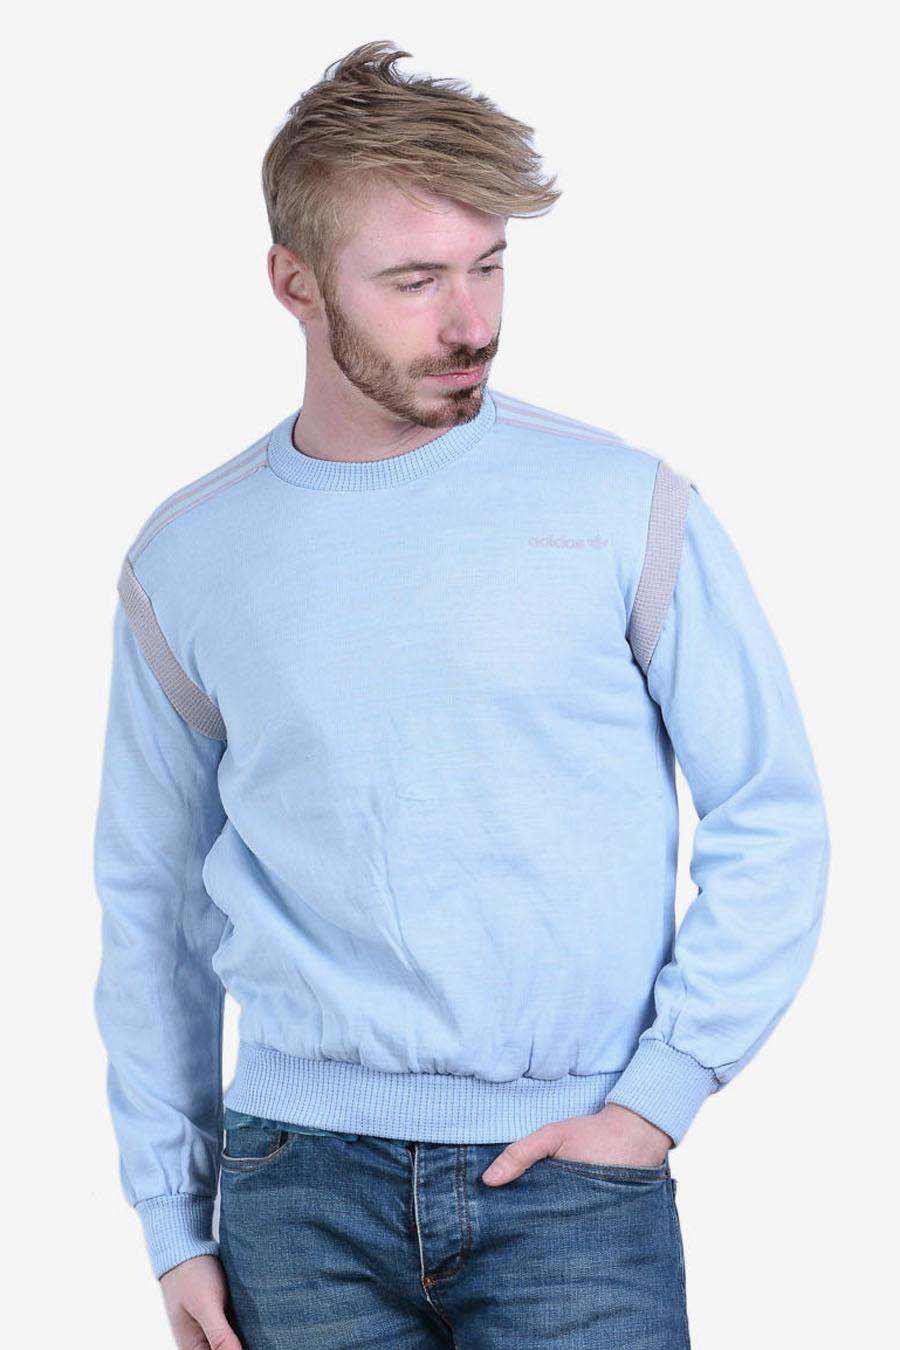 Vintage Adidas Ventex sweatshirt